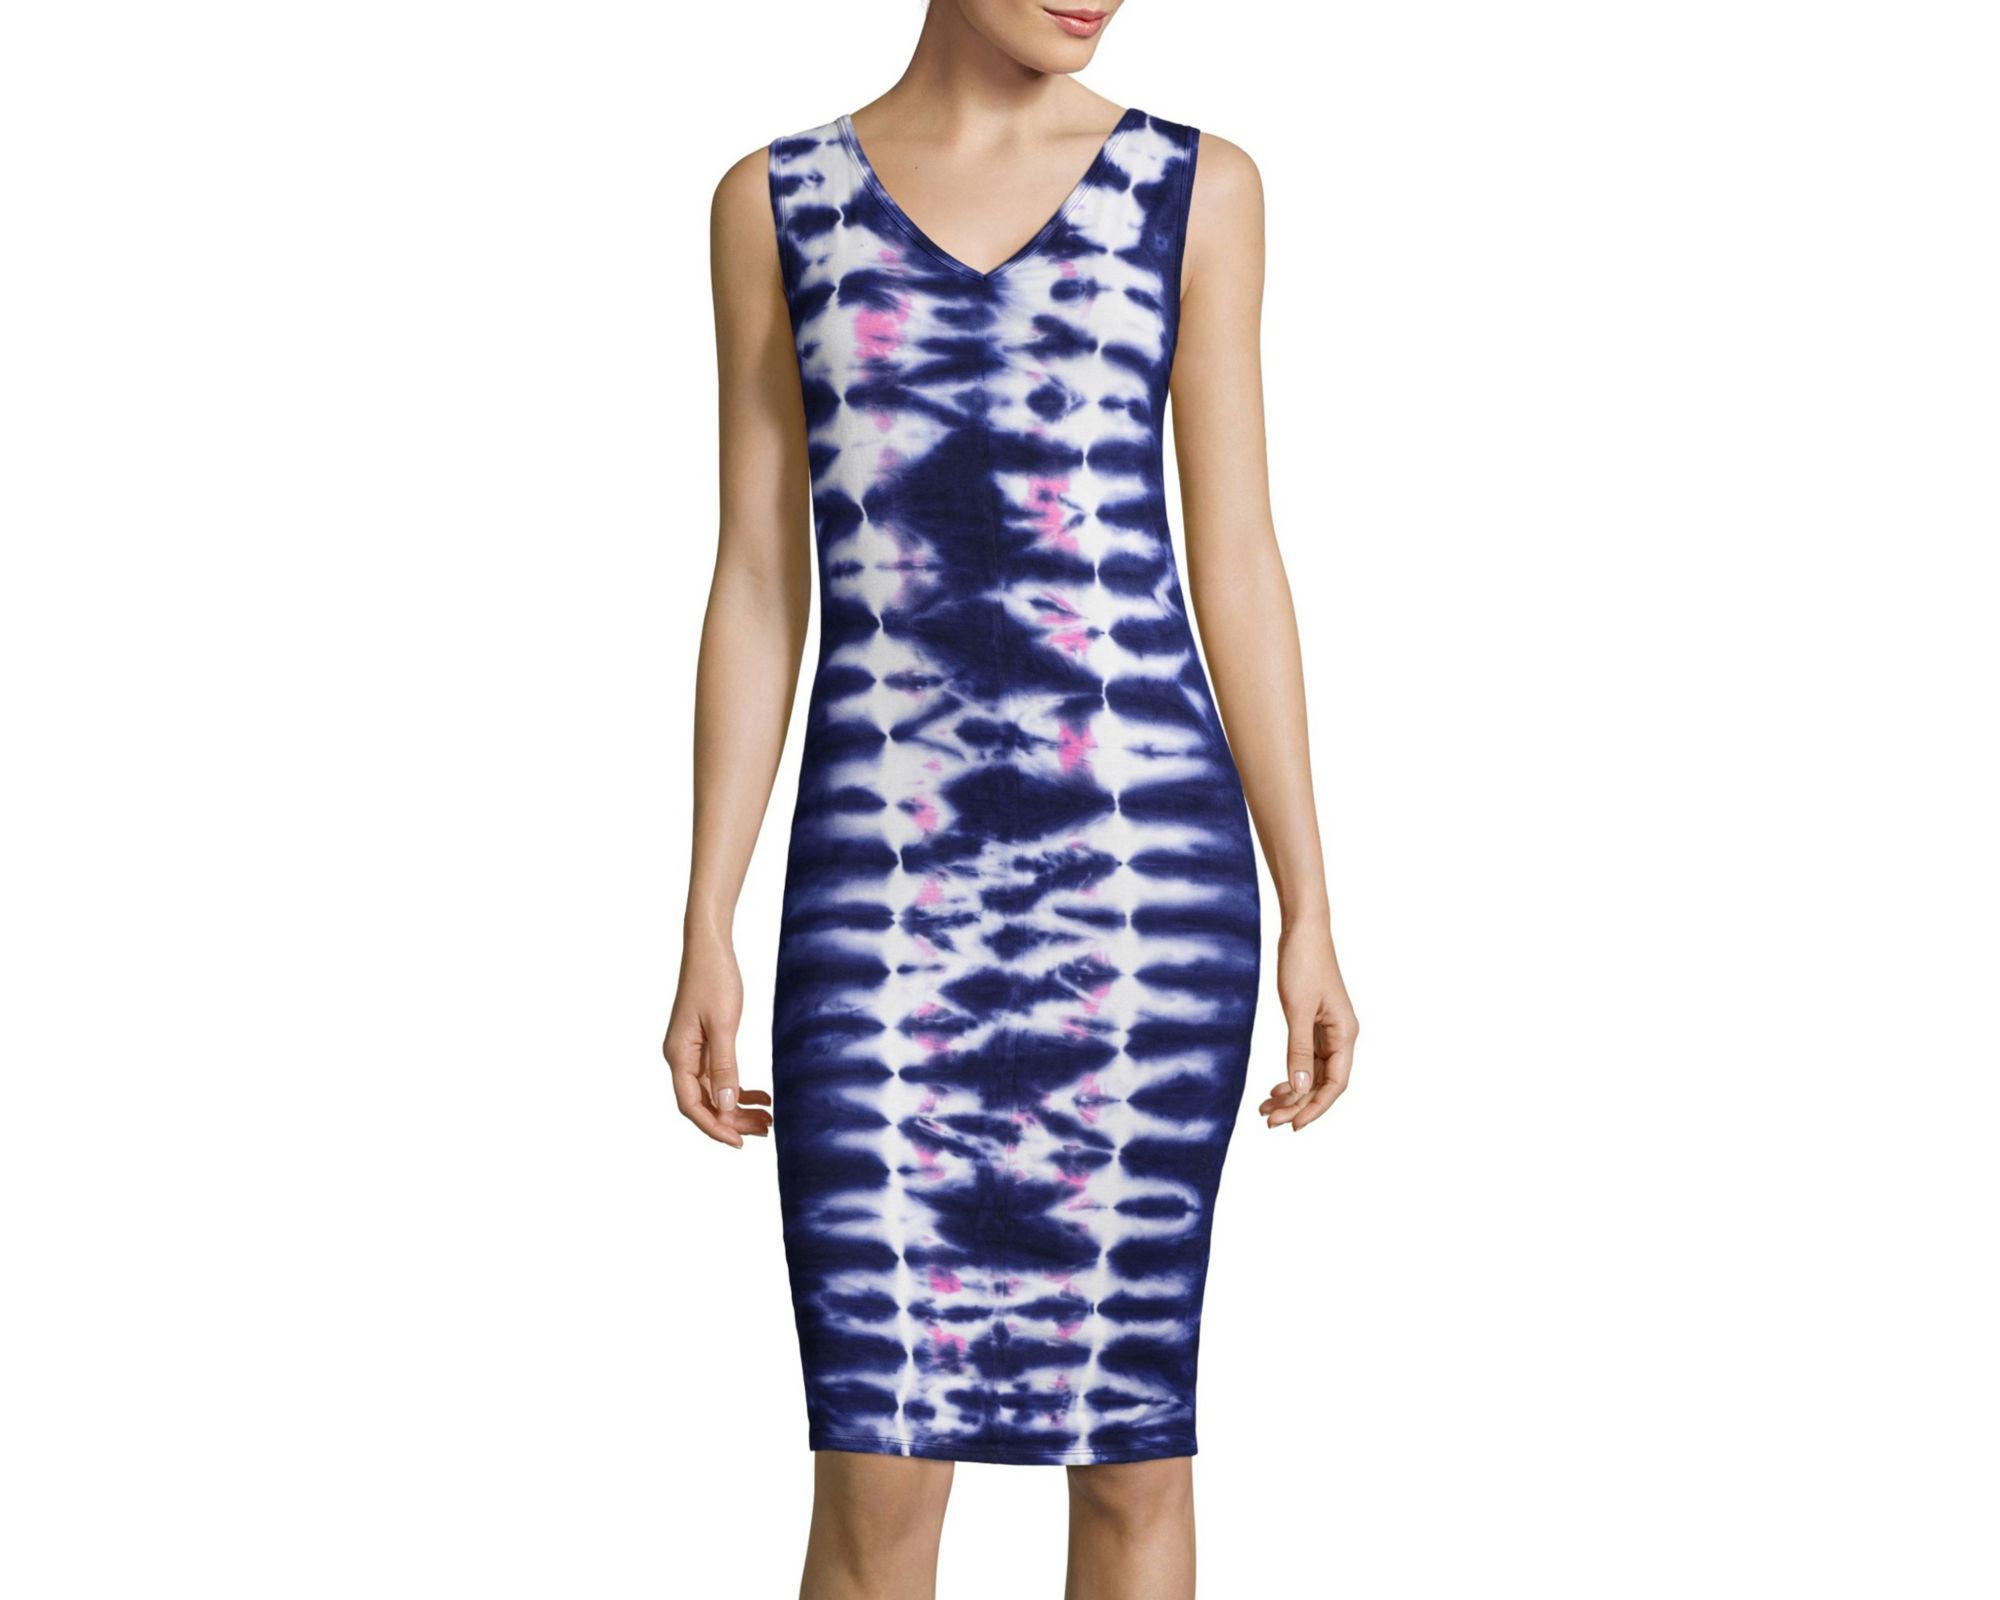 BELLE + SKY Sleeveless Tie-Dye Dress